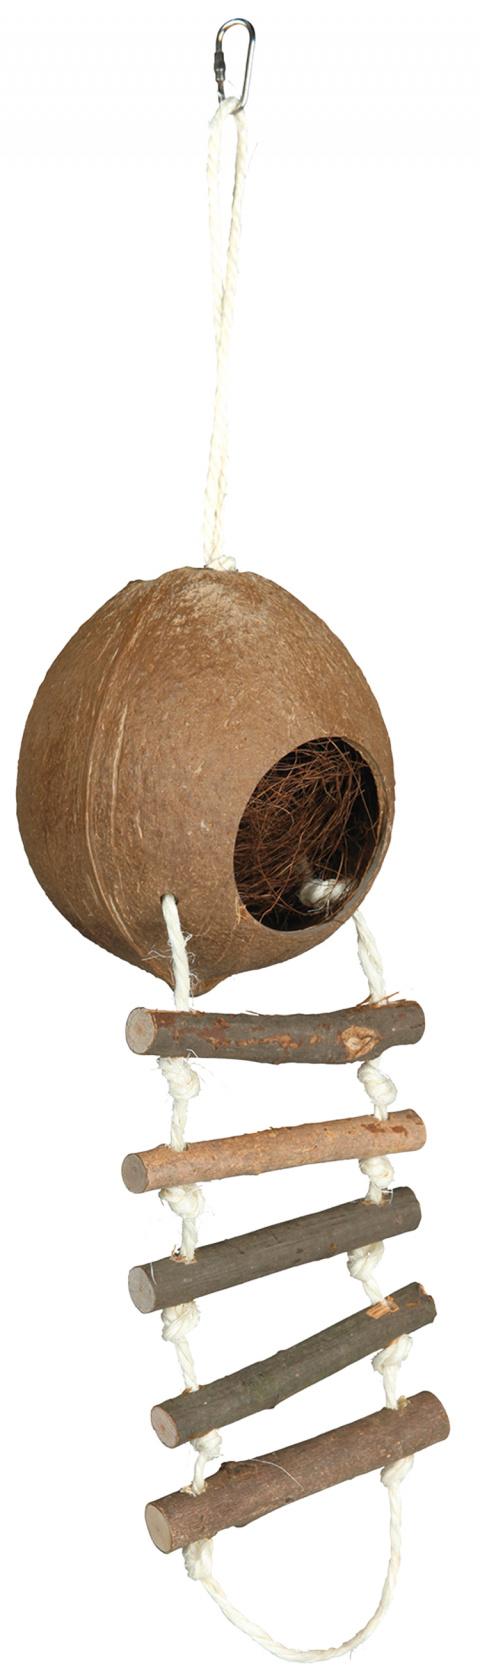 Домик для грызунов - Кокосовый домик для хомяков